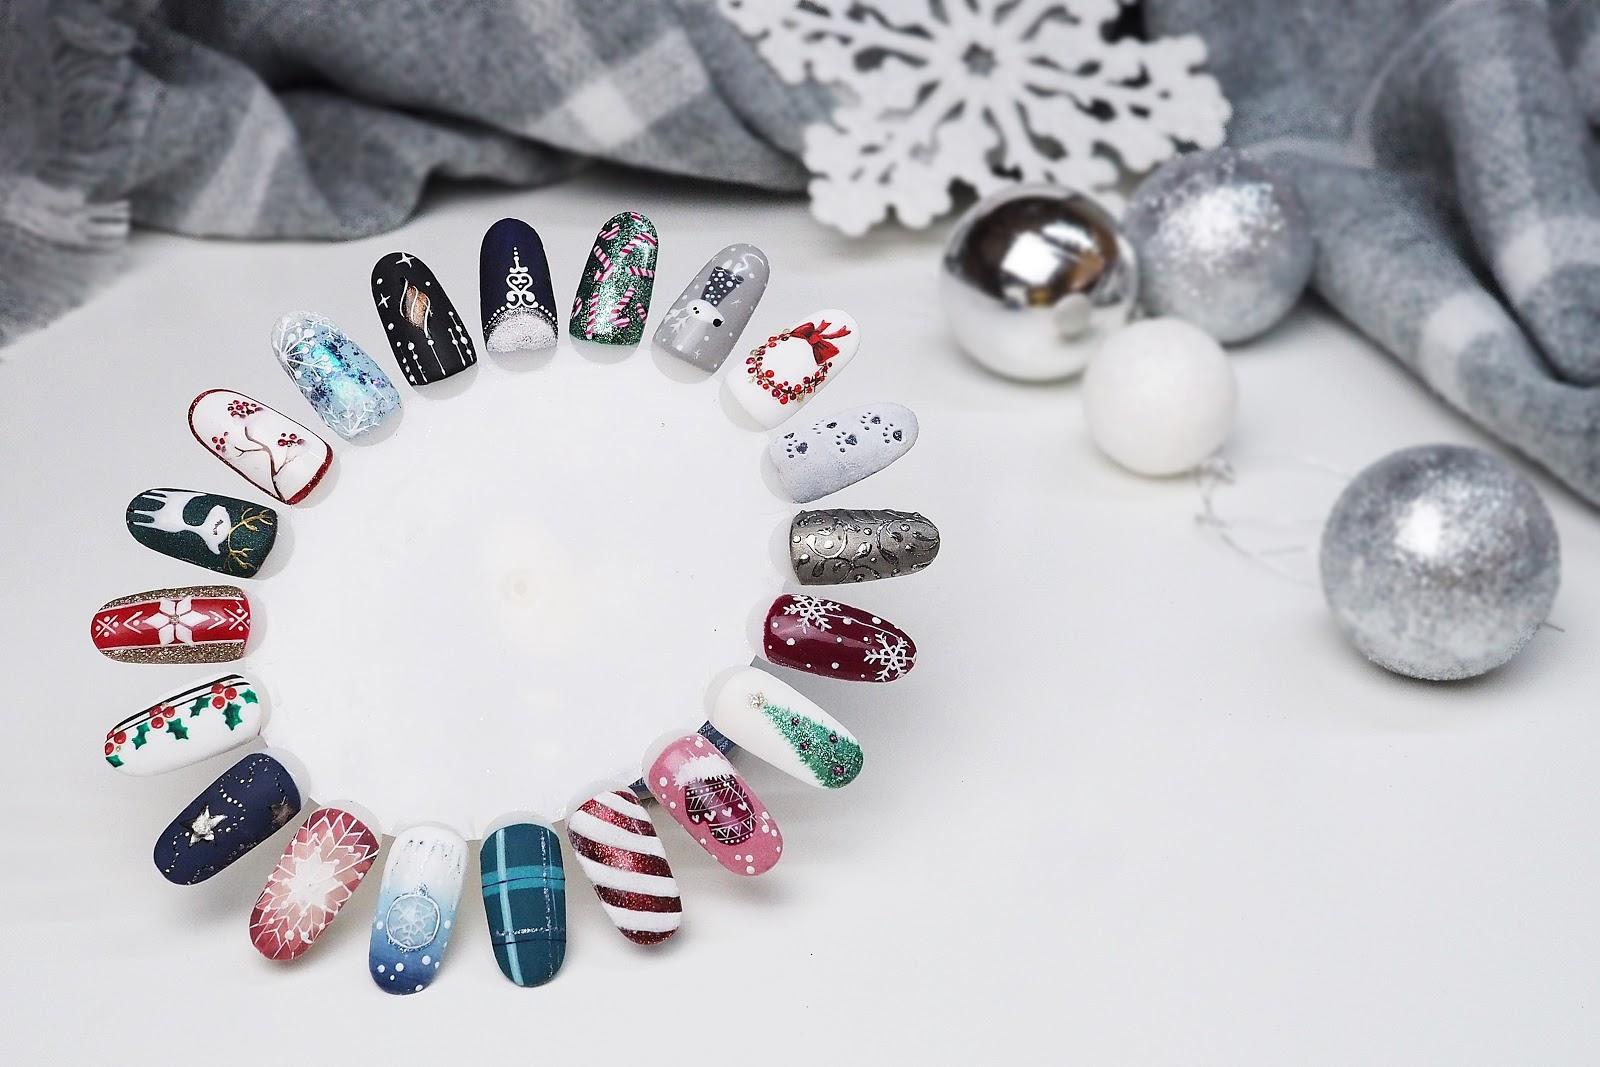 Paznokcie Na Swieta 20 Pomyslow Na Zimowy Manicure Pata Bloguje